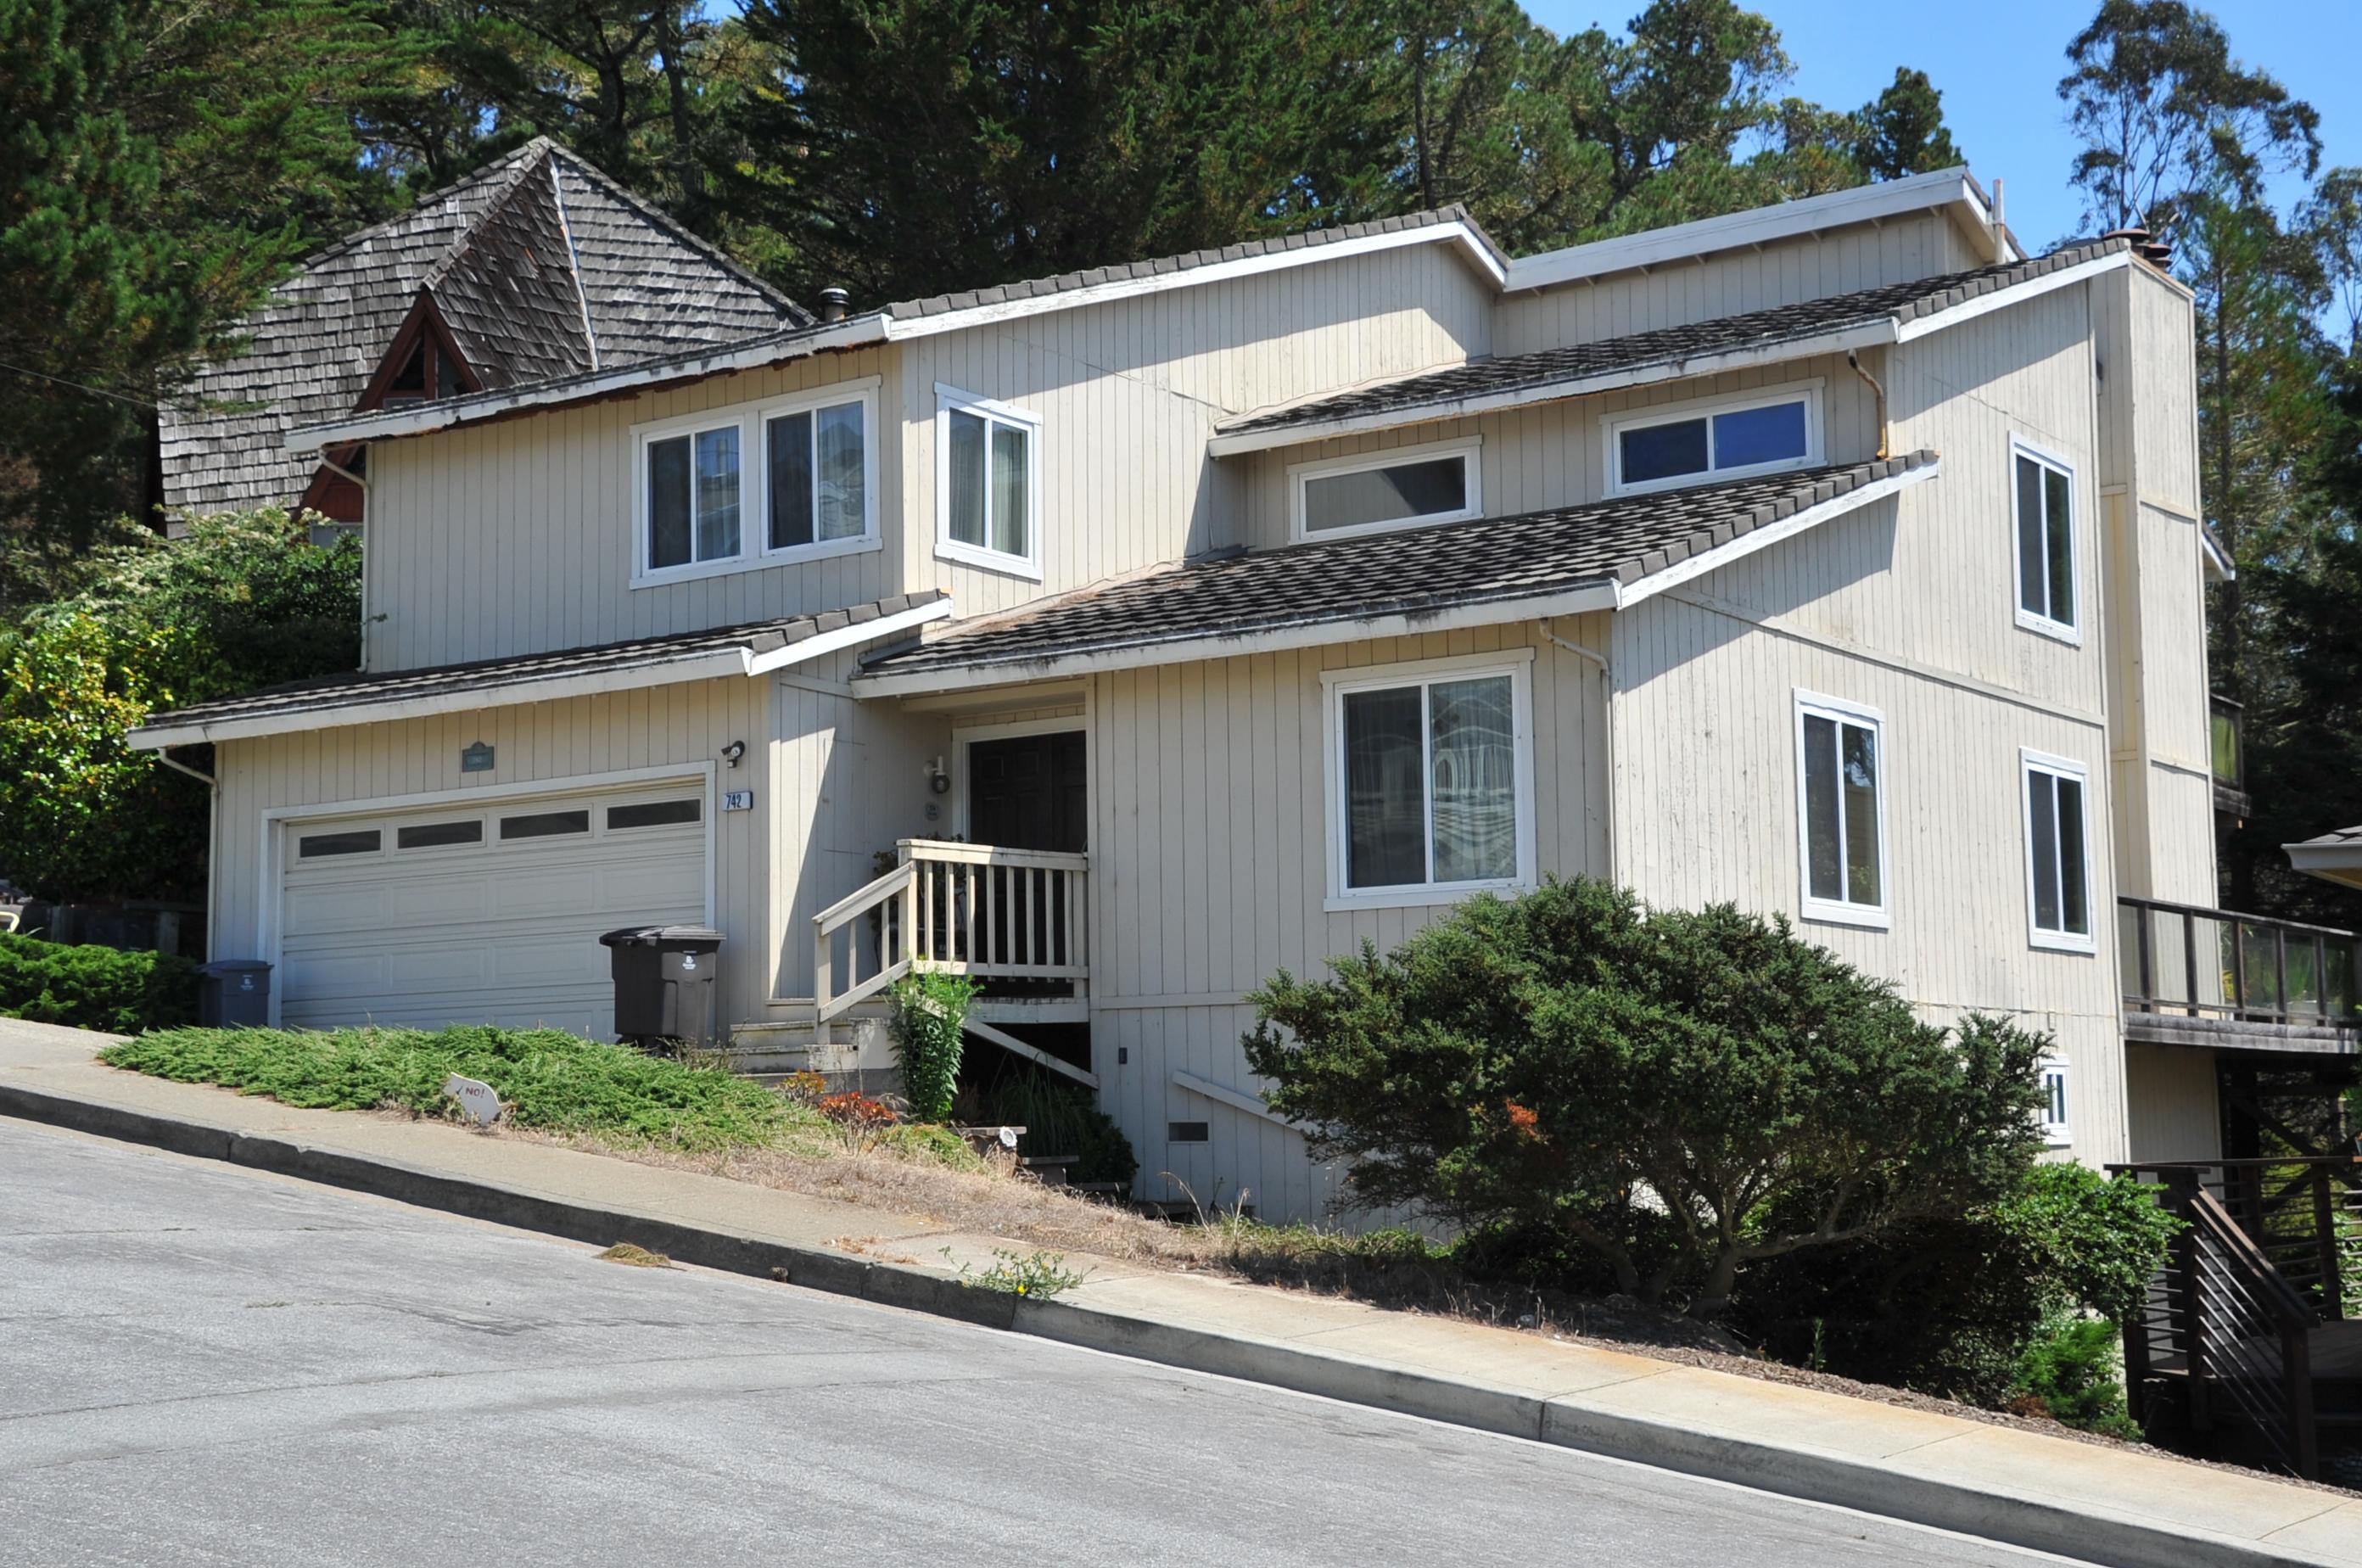 742 El Granada Blvd, El Granada, California 94018